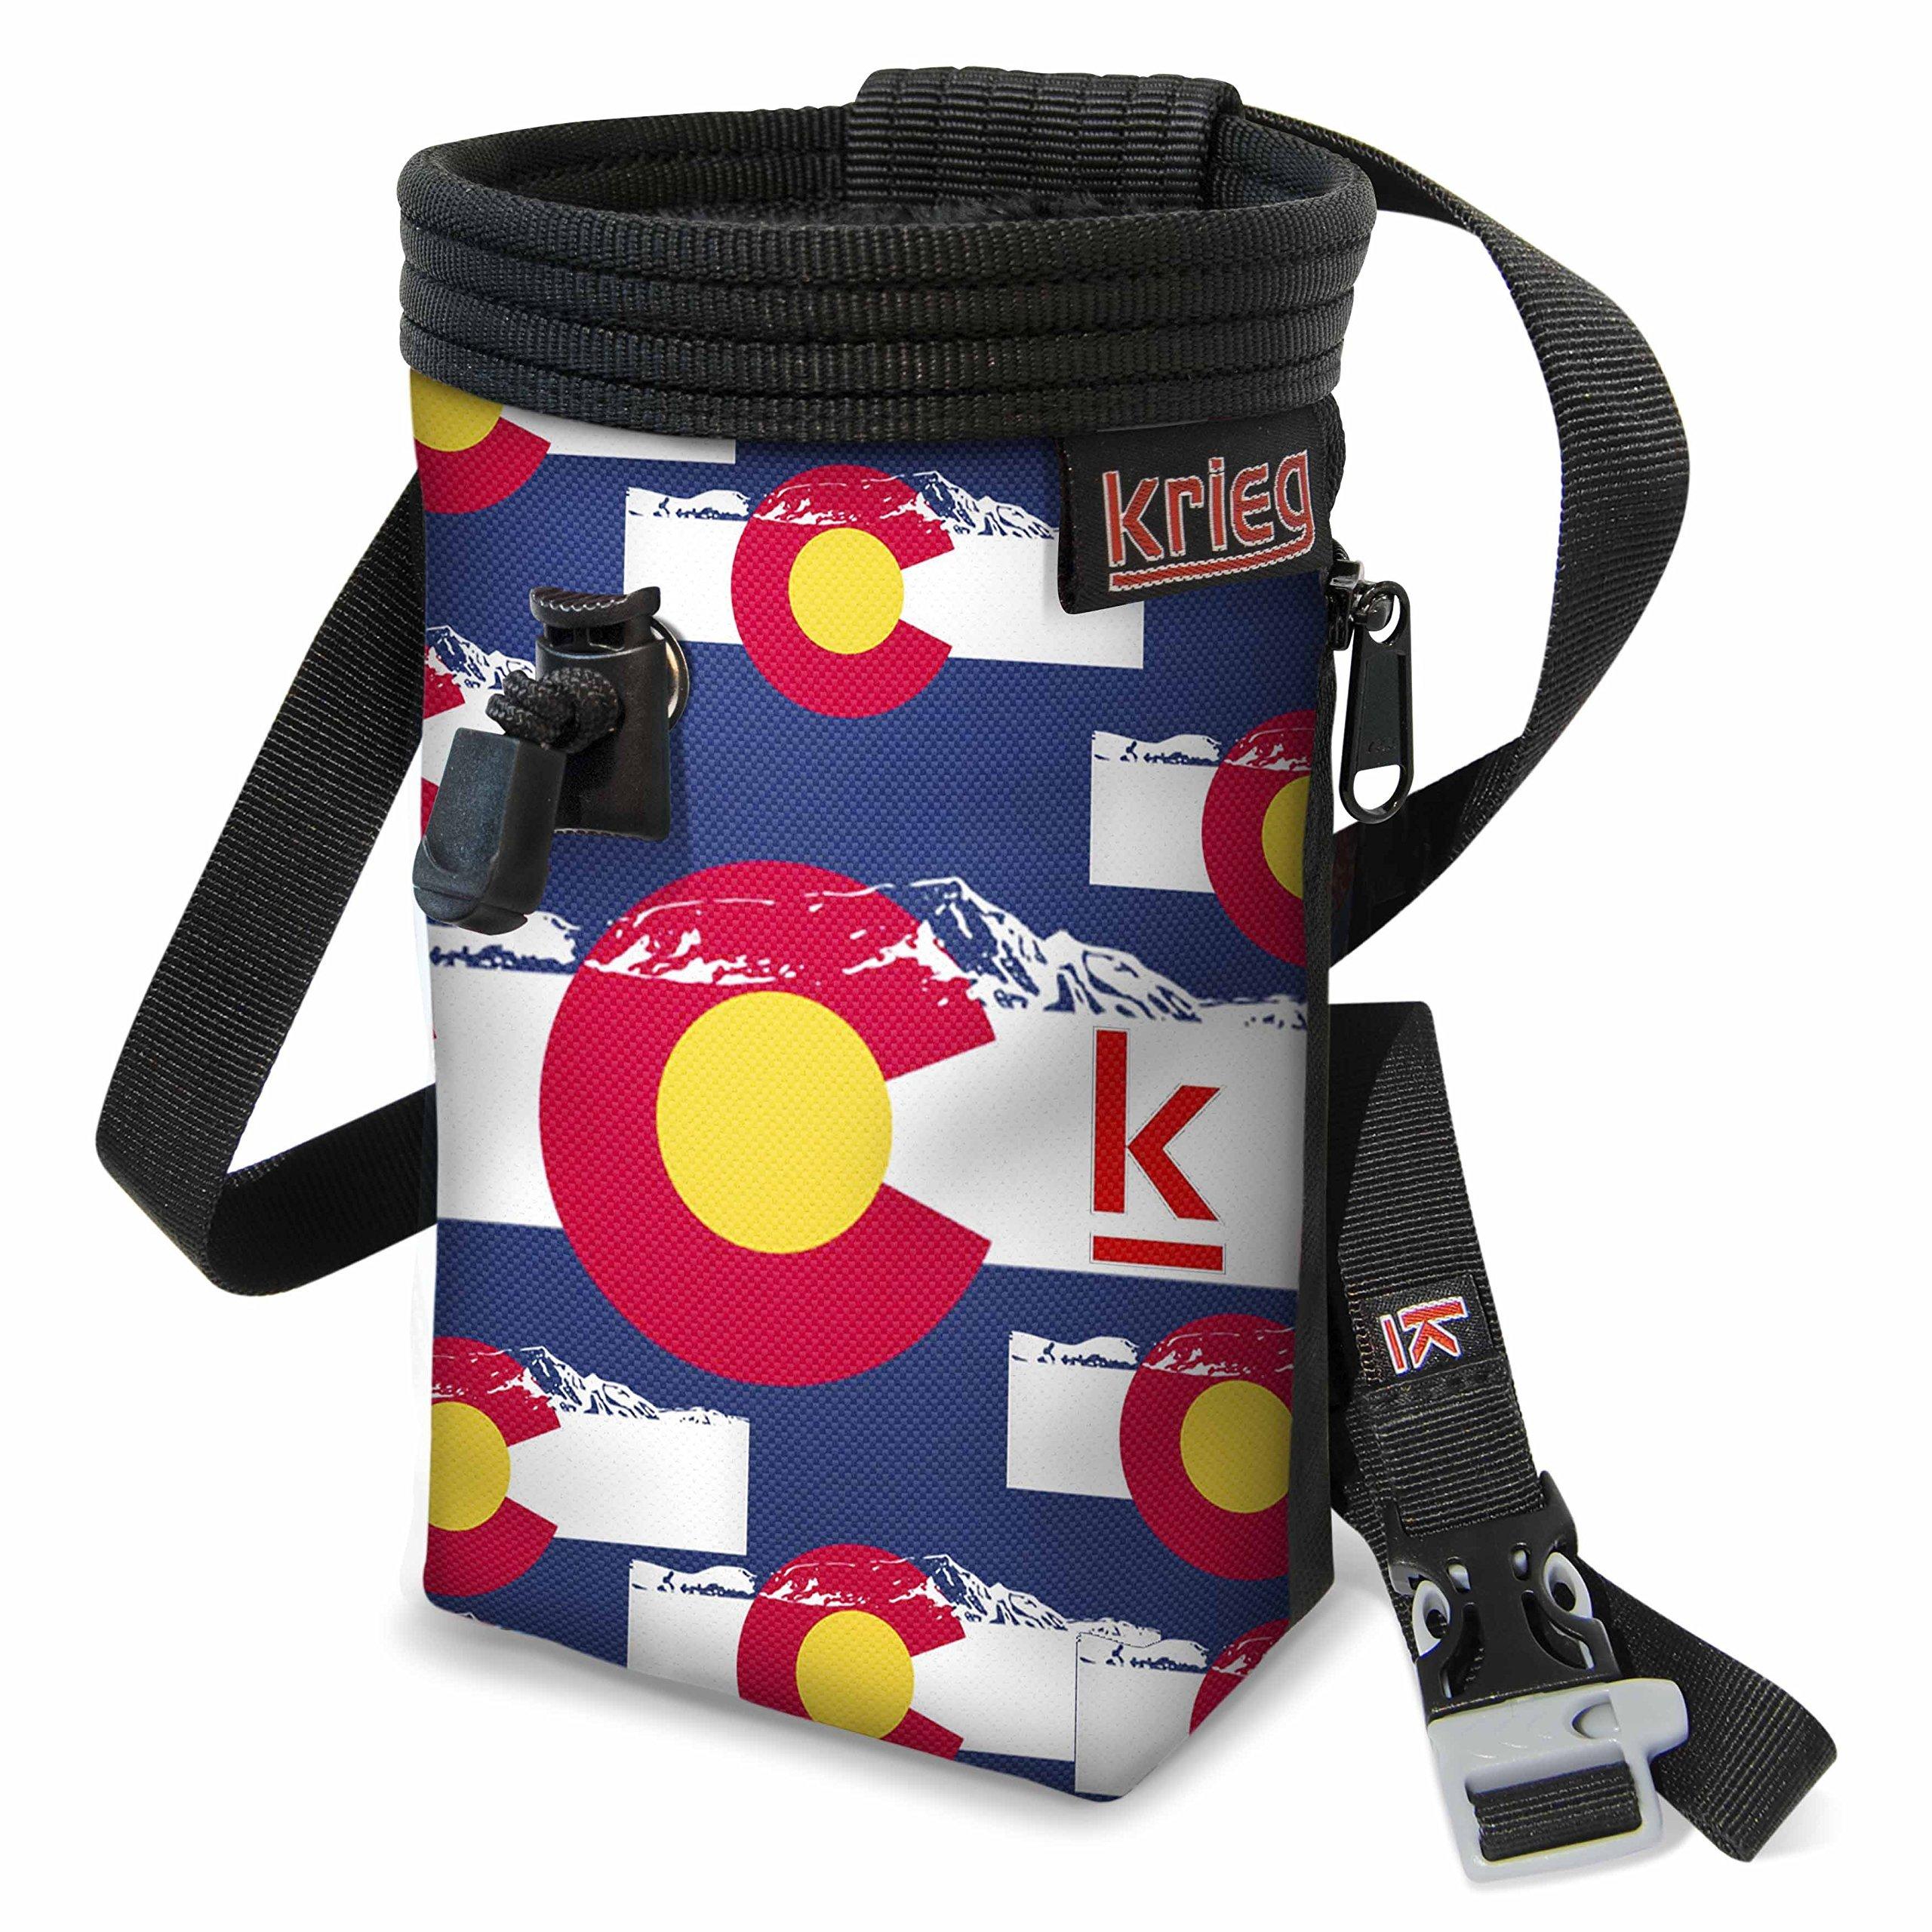 Krieg Climbing Colorado Chalk Bag